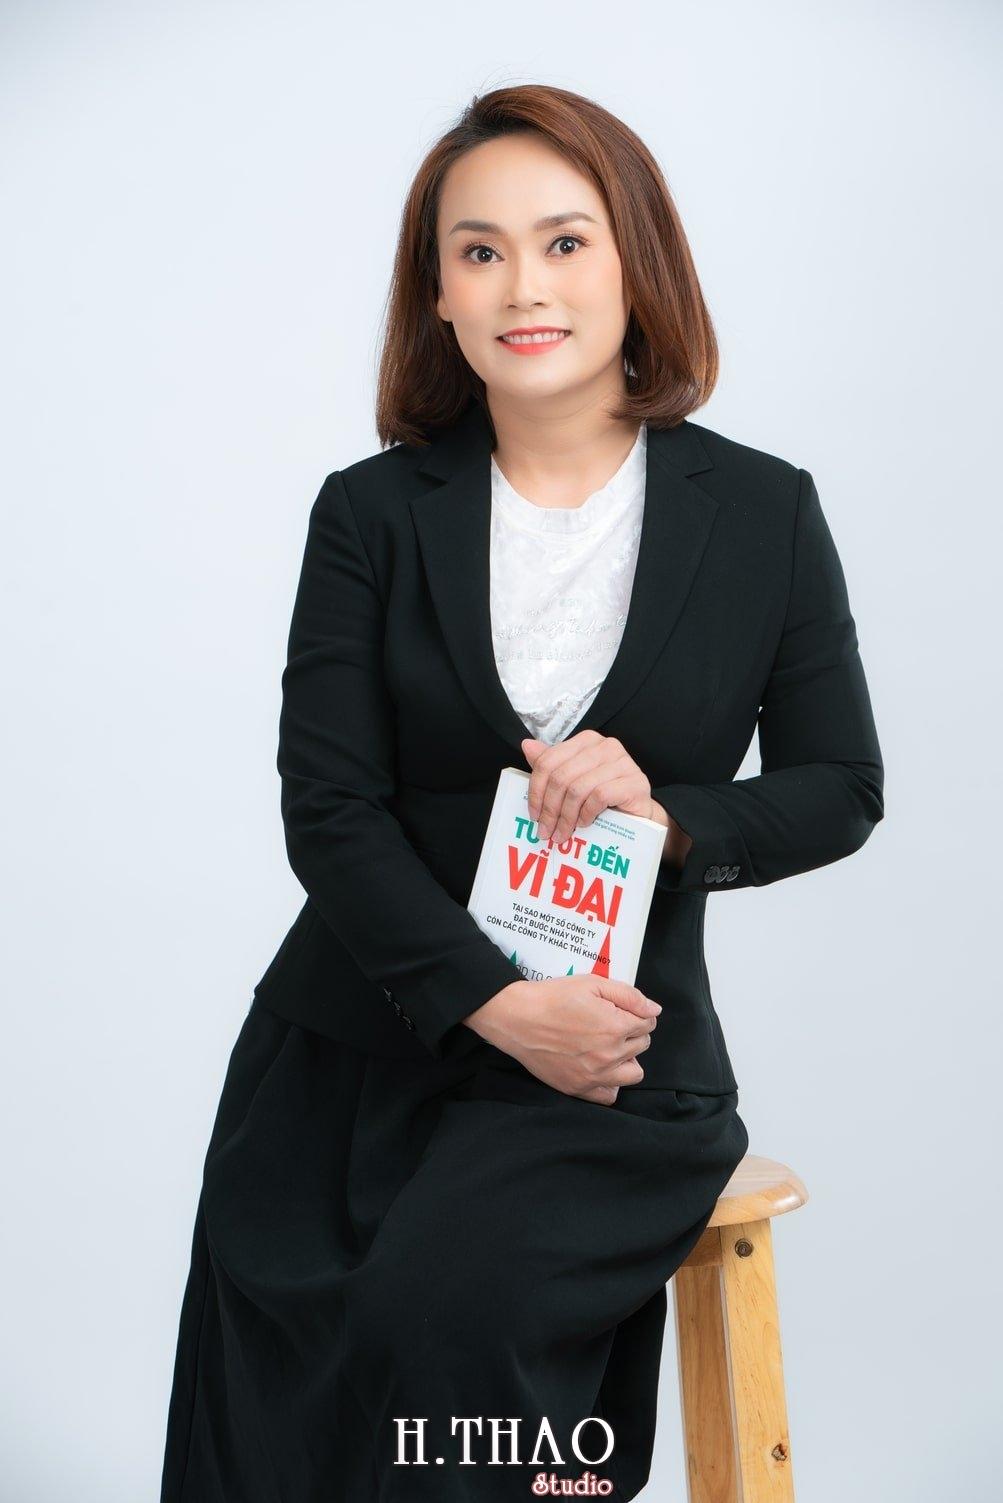 Chi Kim 7 - Album ảnh doanh nhân nữ: chị Kim đẹp nhẹ nhàng - HThao Studio